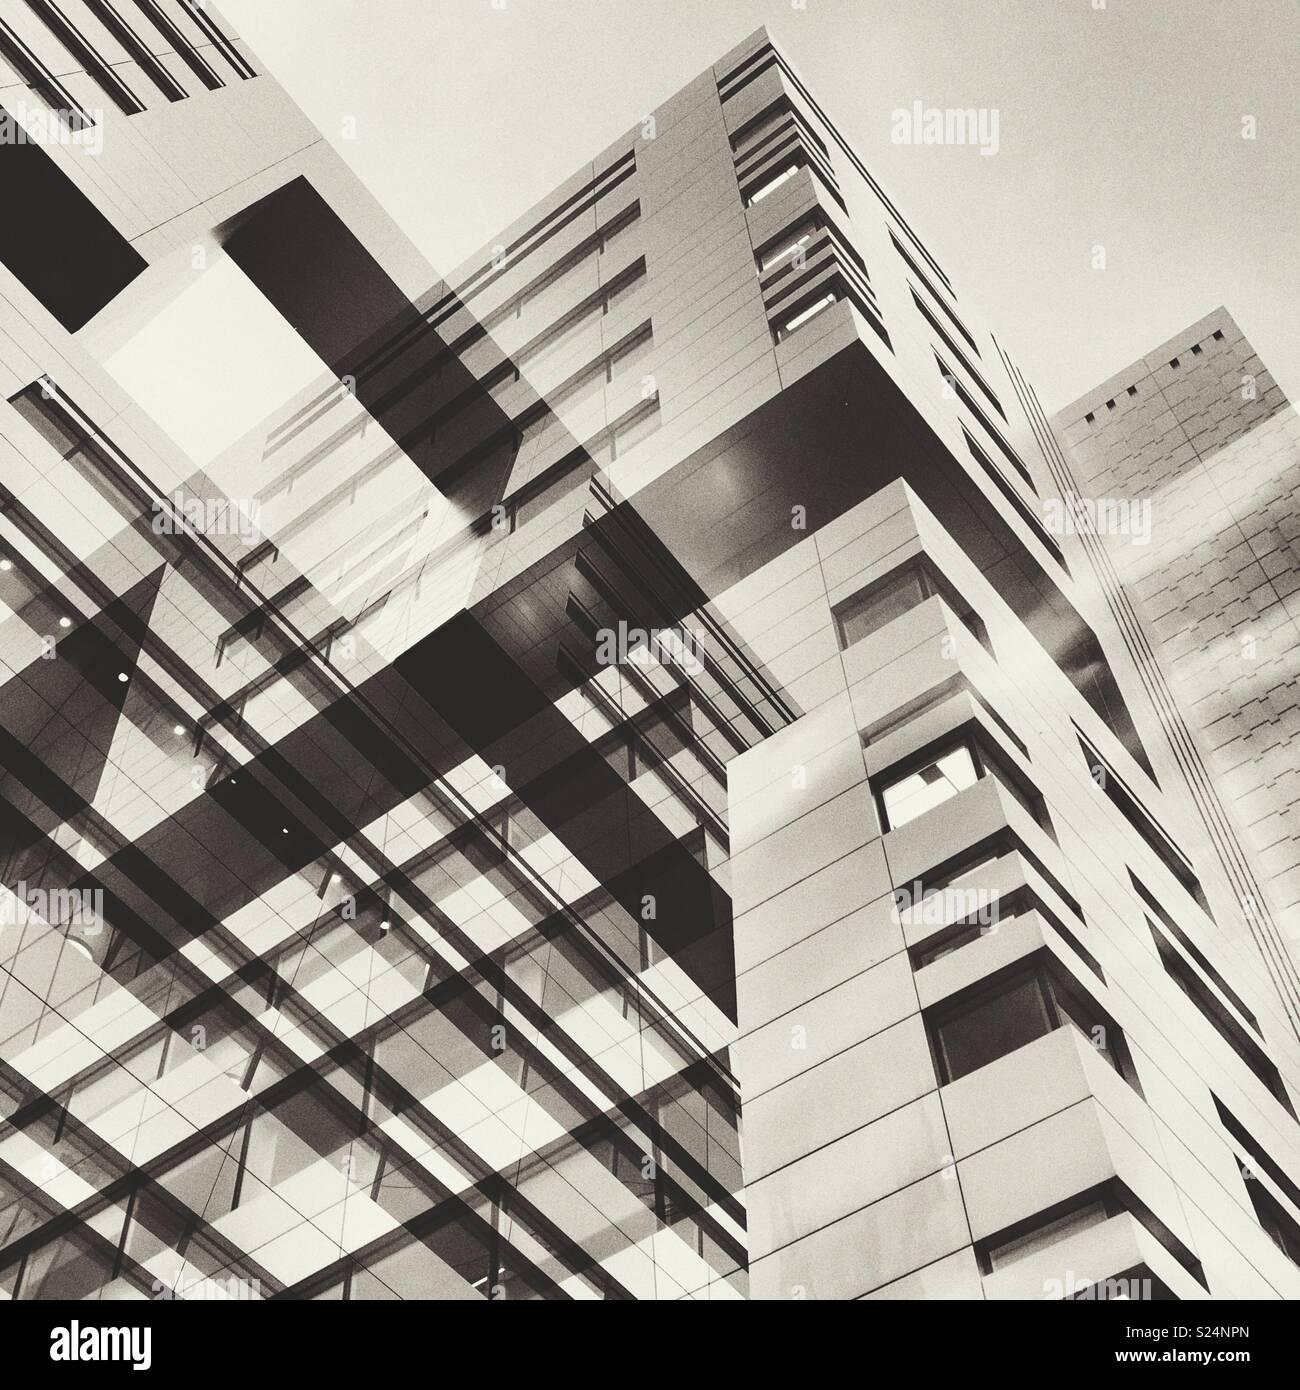 Resumen de los edificios de la ciudad Imagen De Stock